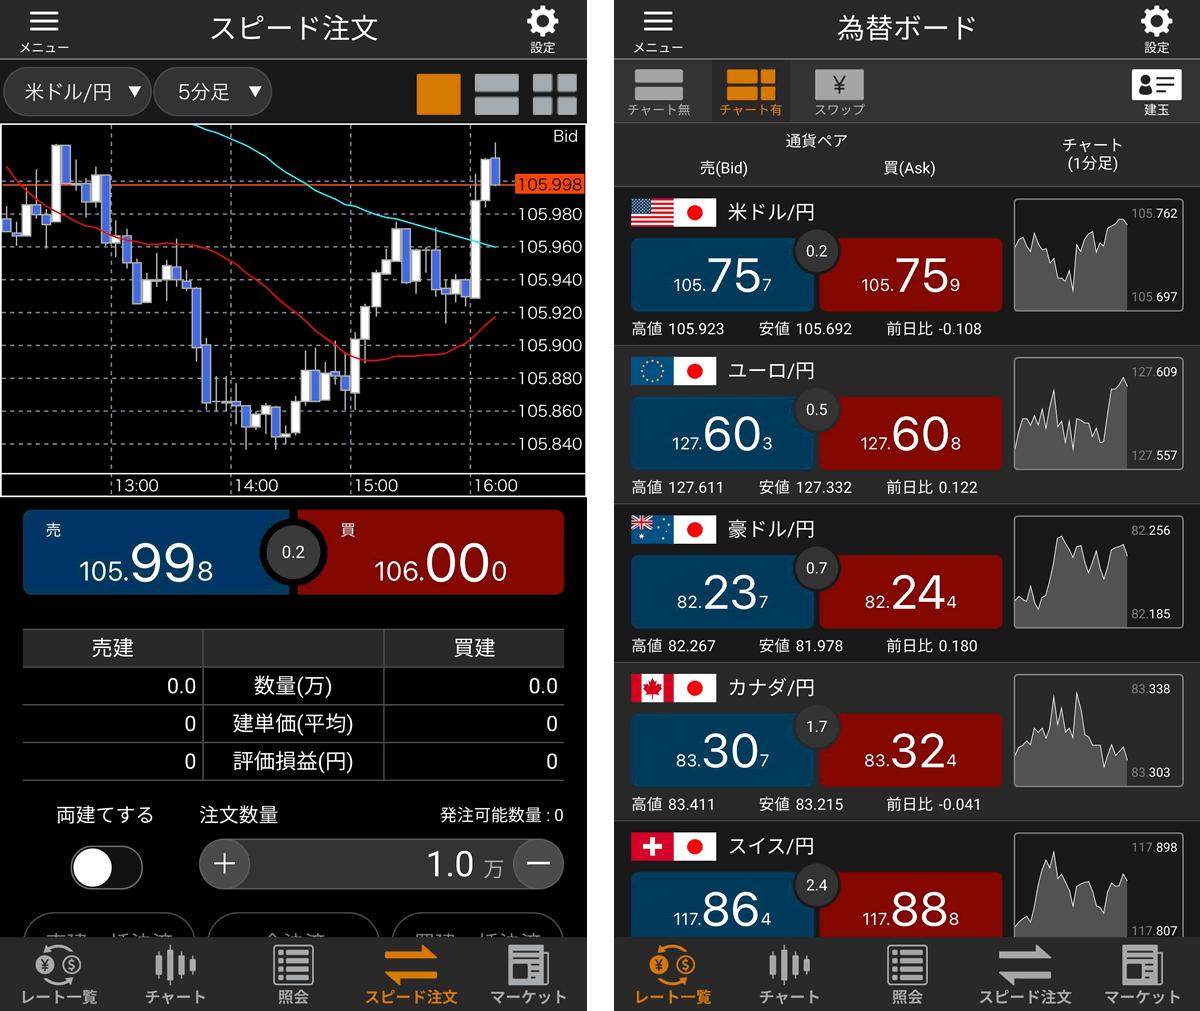 【松井証券 FXアプリ】は、FX取引専用の高機能スマホアプリです。